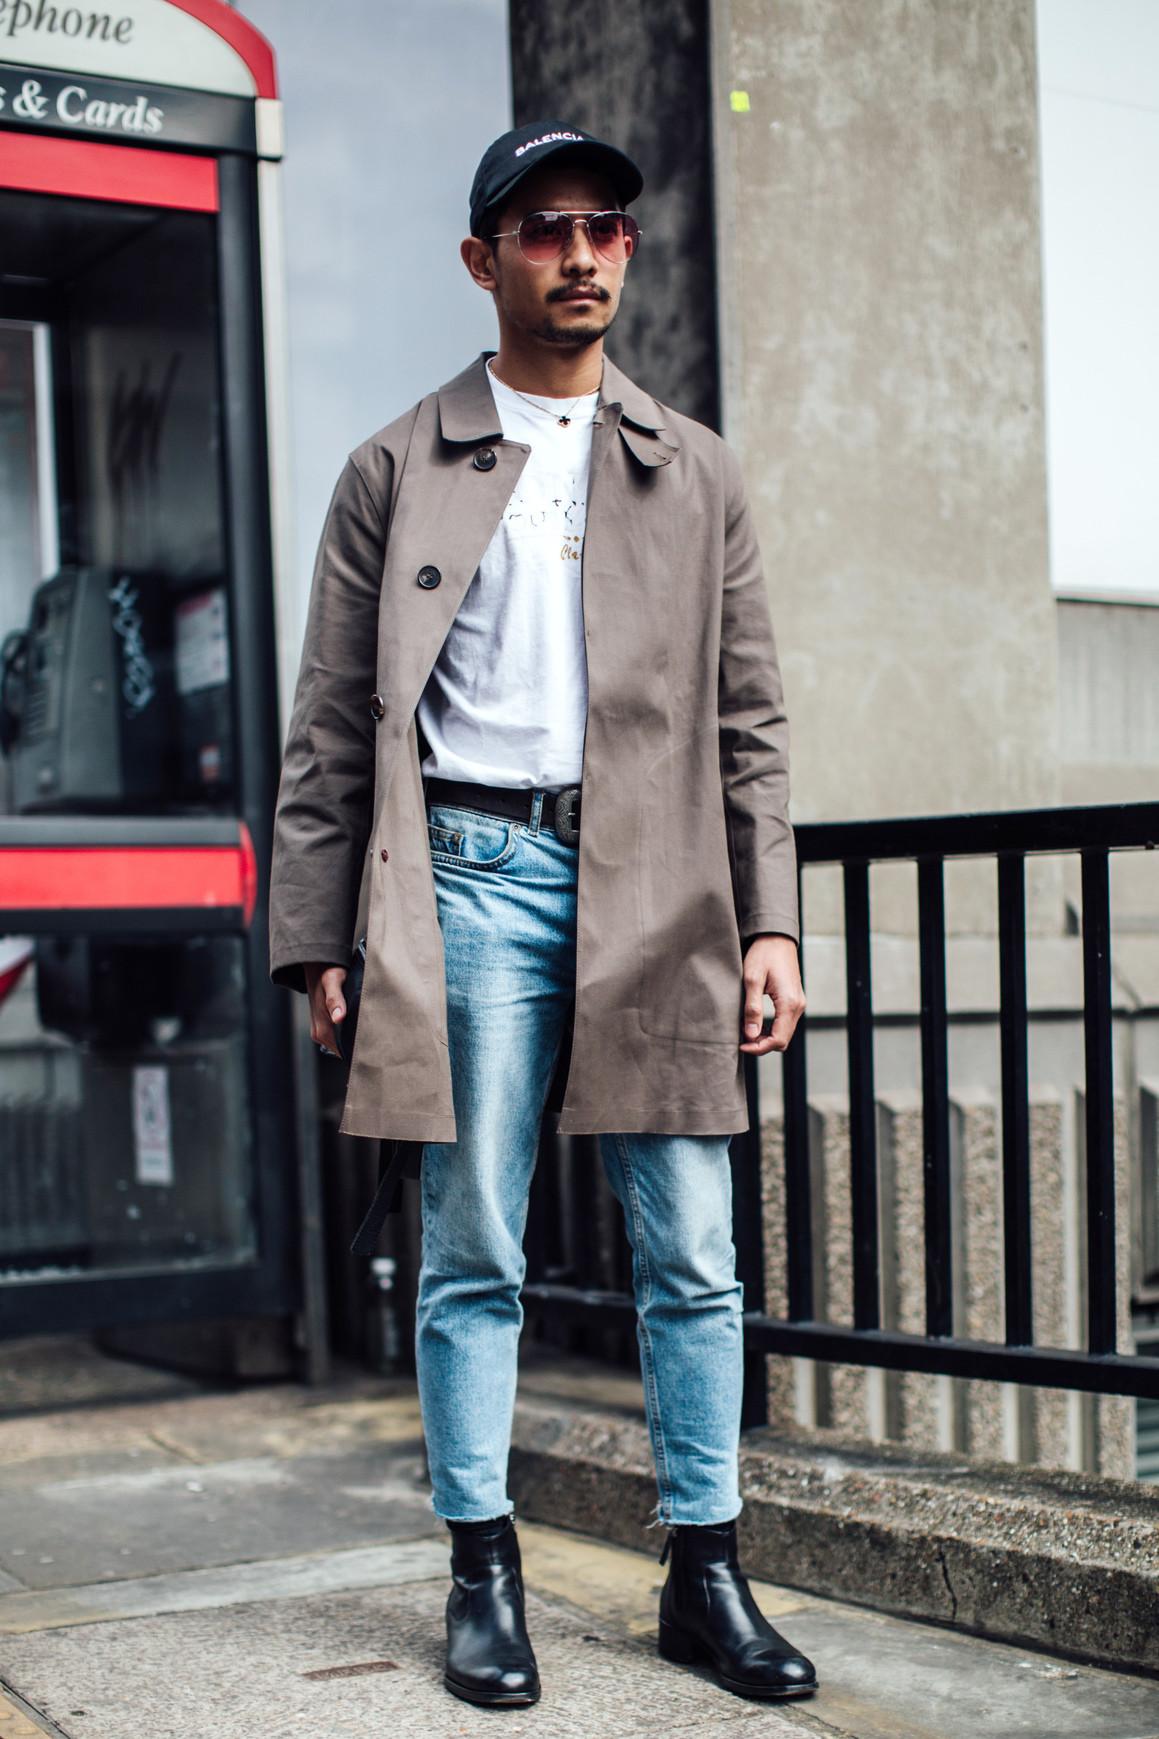 82dc51b1a 13 tendencias de moda masculina que arrasarán en 2018